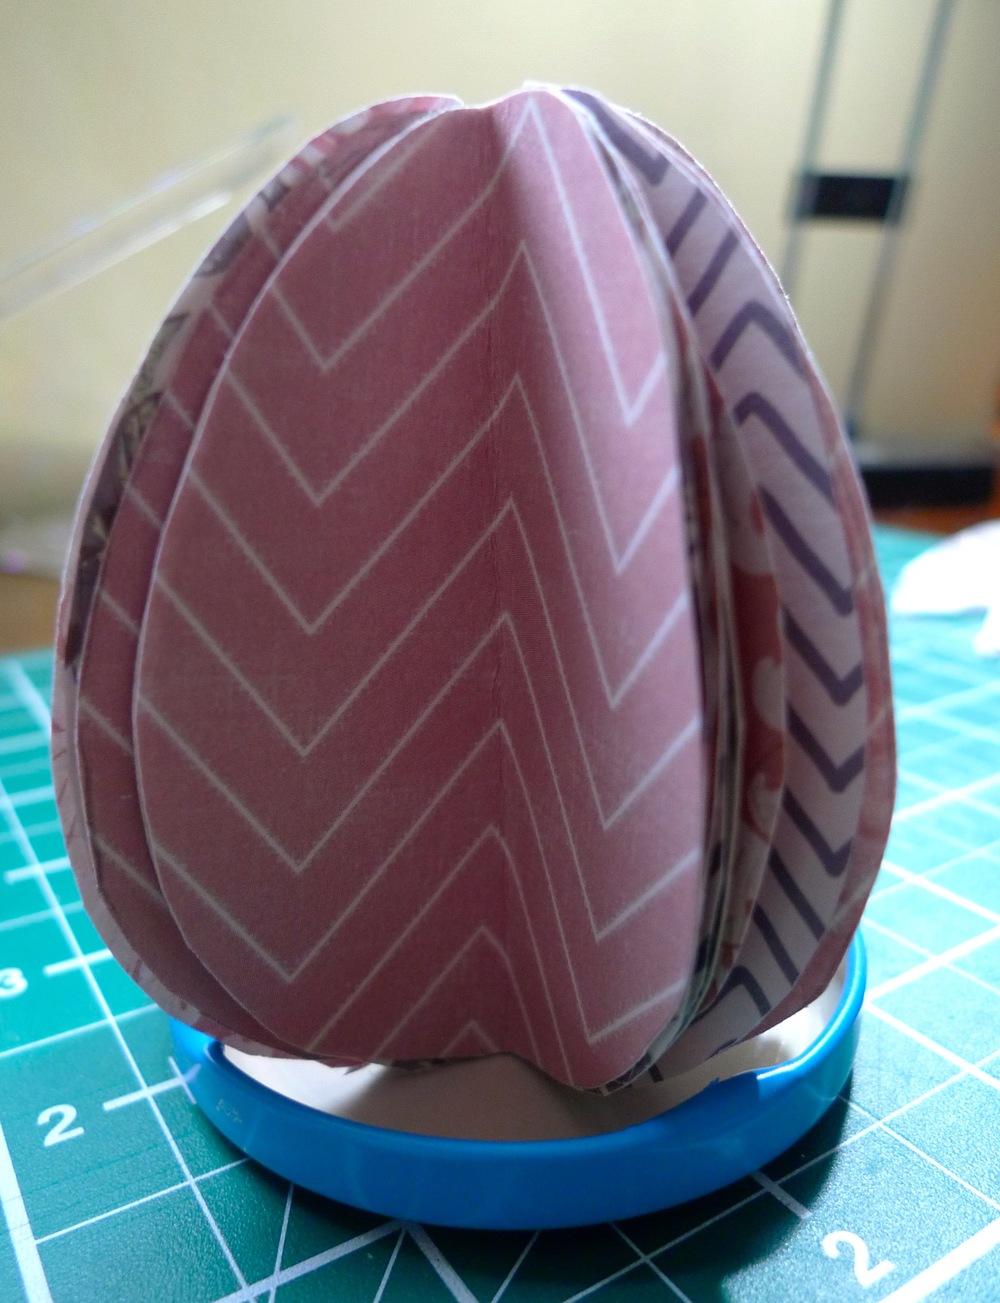 egg taking shape